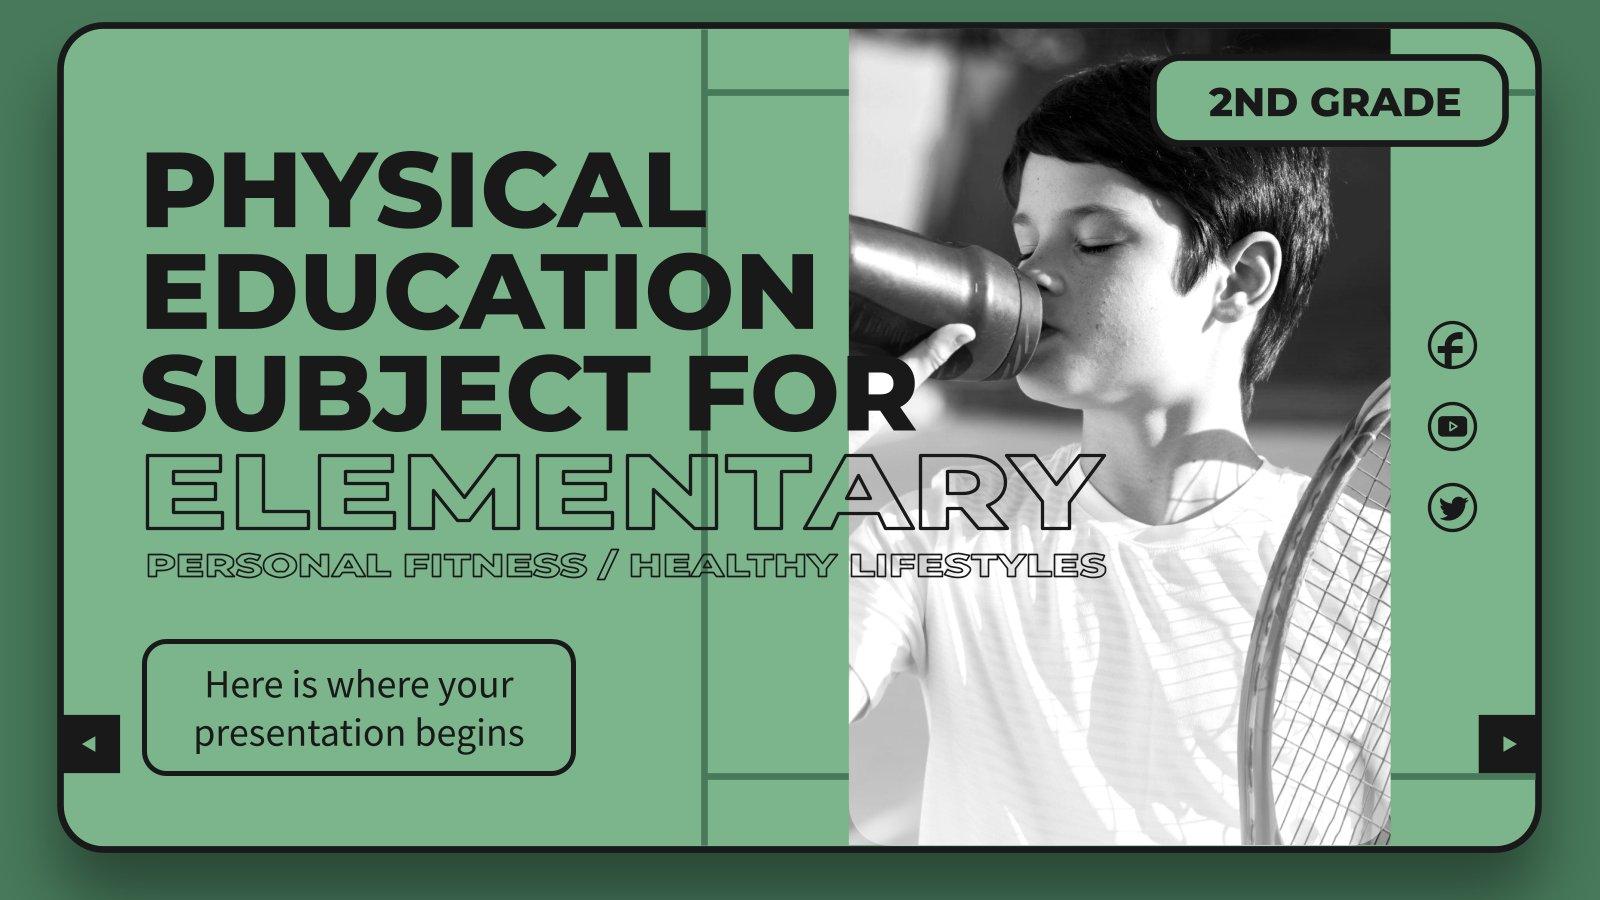 Modelo de apresentação Educação física para o ensino básico: Exercício físico / Estilos de vida saudáveis